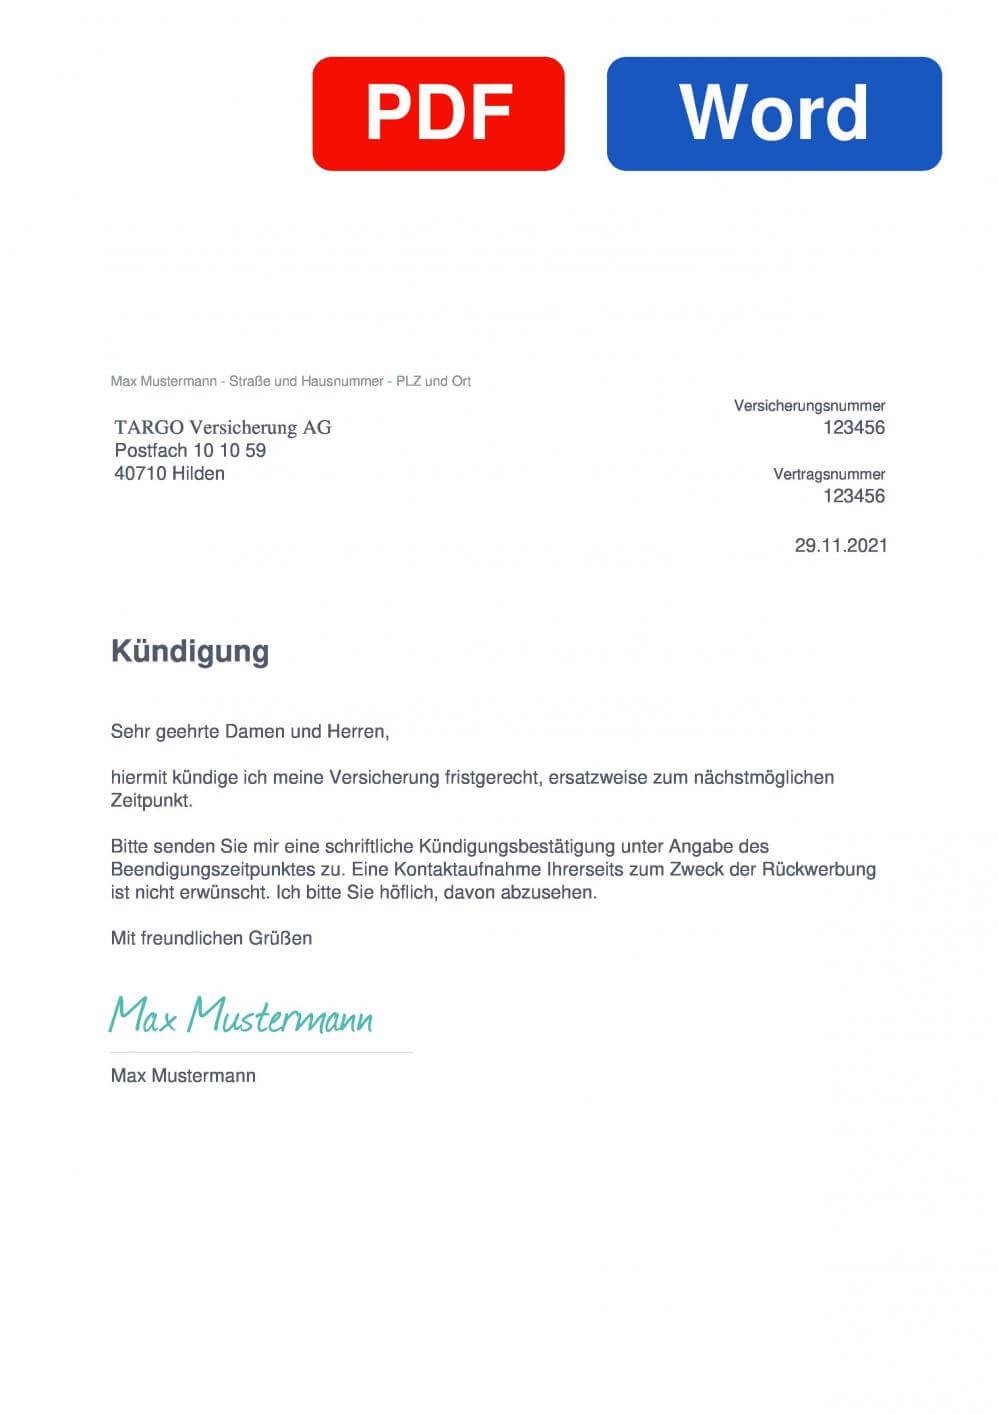 TARGOBANK Riester rente Muster Vorlage für Kündigungsschreiben